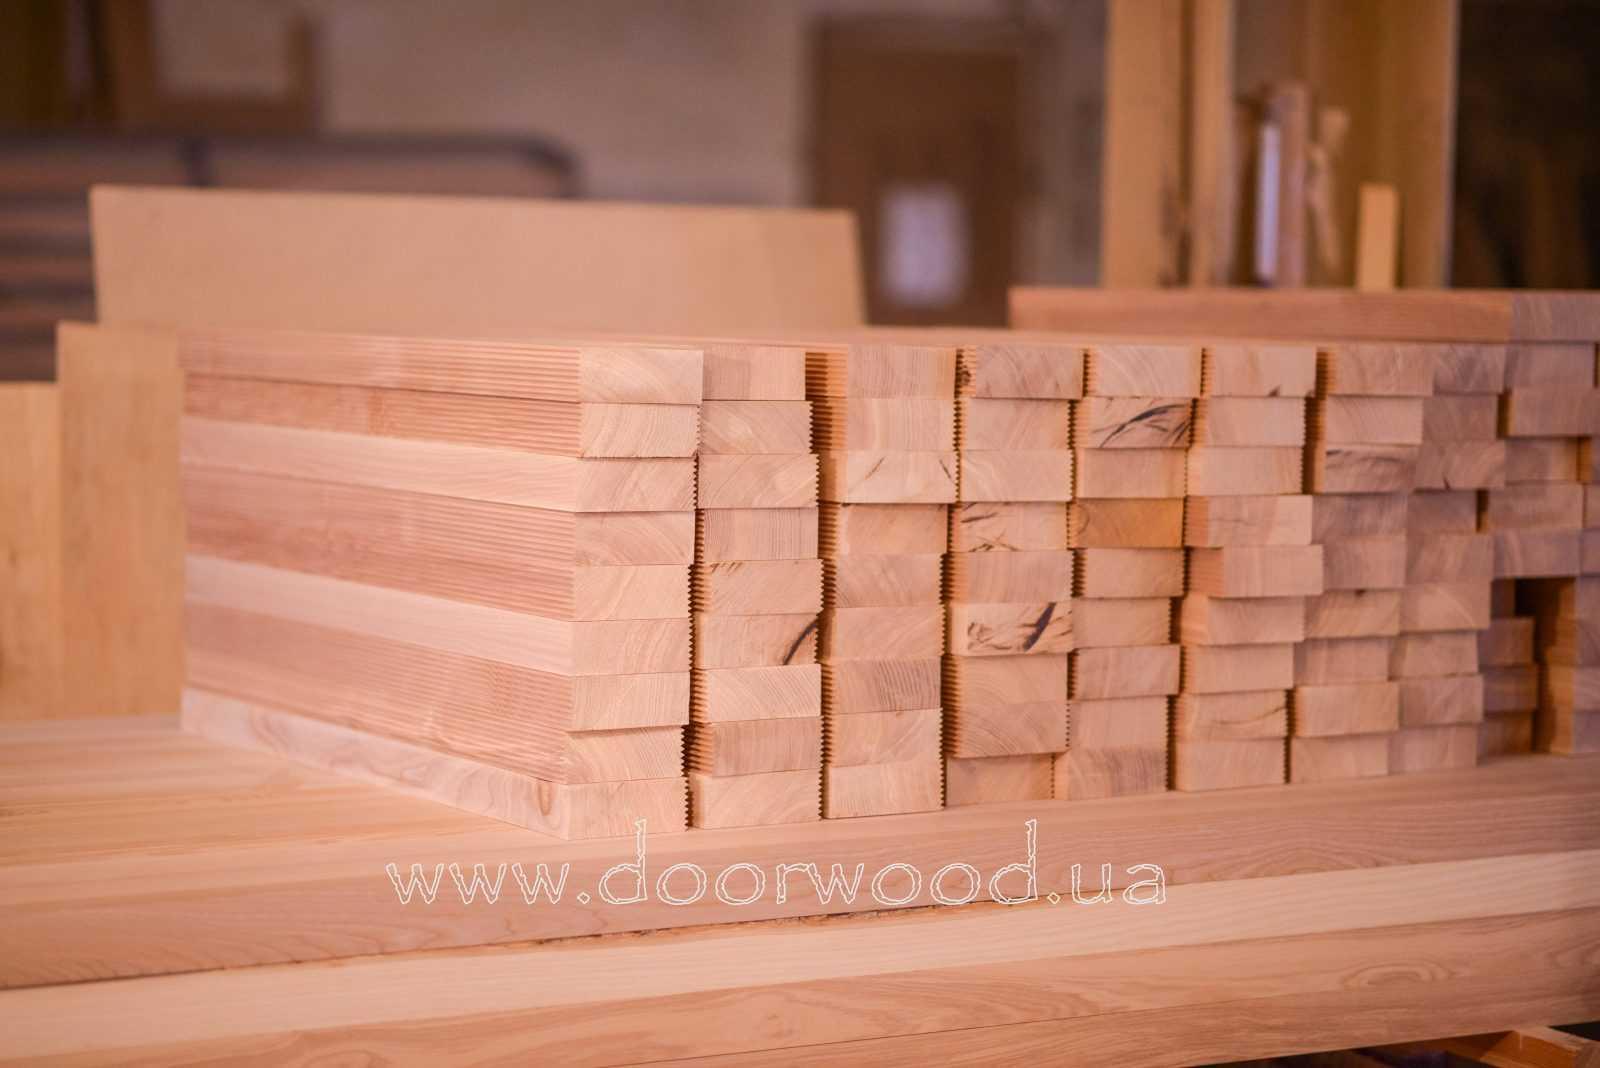 зола масив, Дошка підлоги, столярні вироби з масиву, двері ясен. дверне дерево